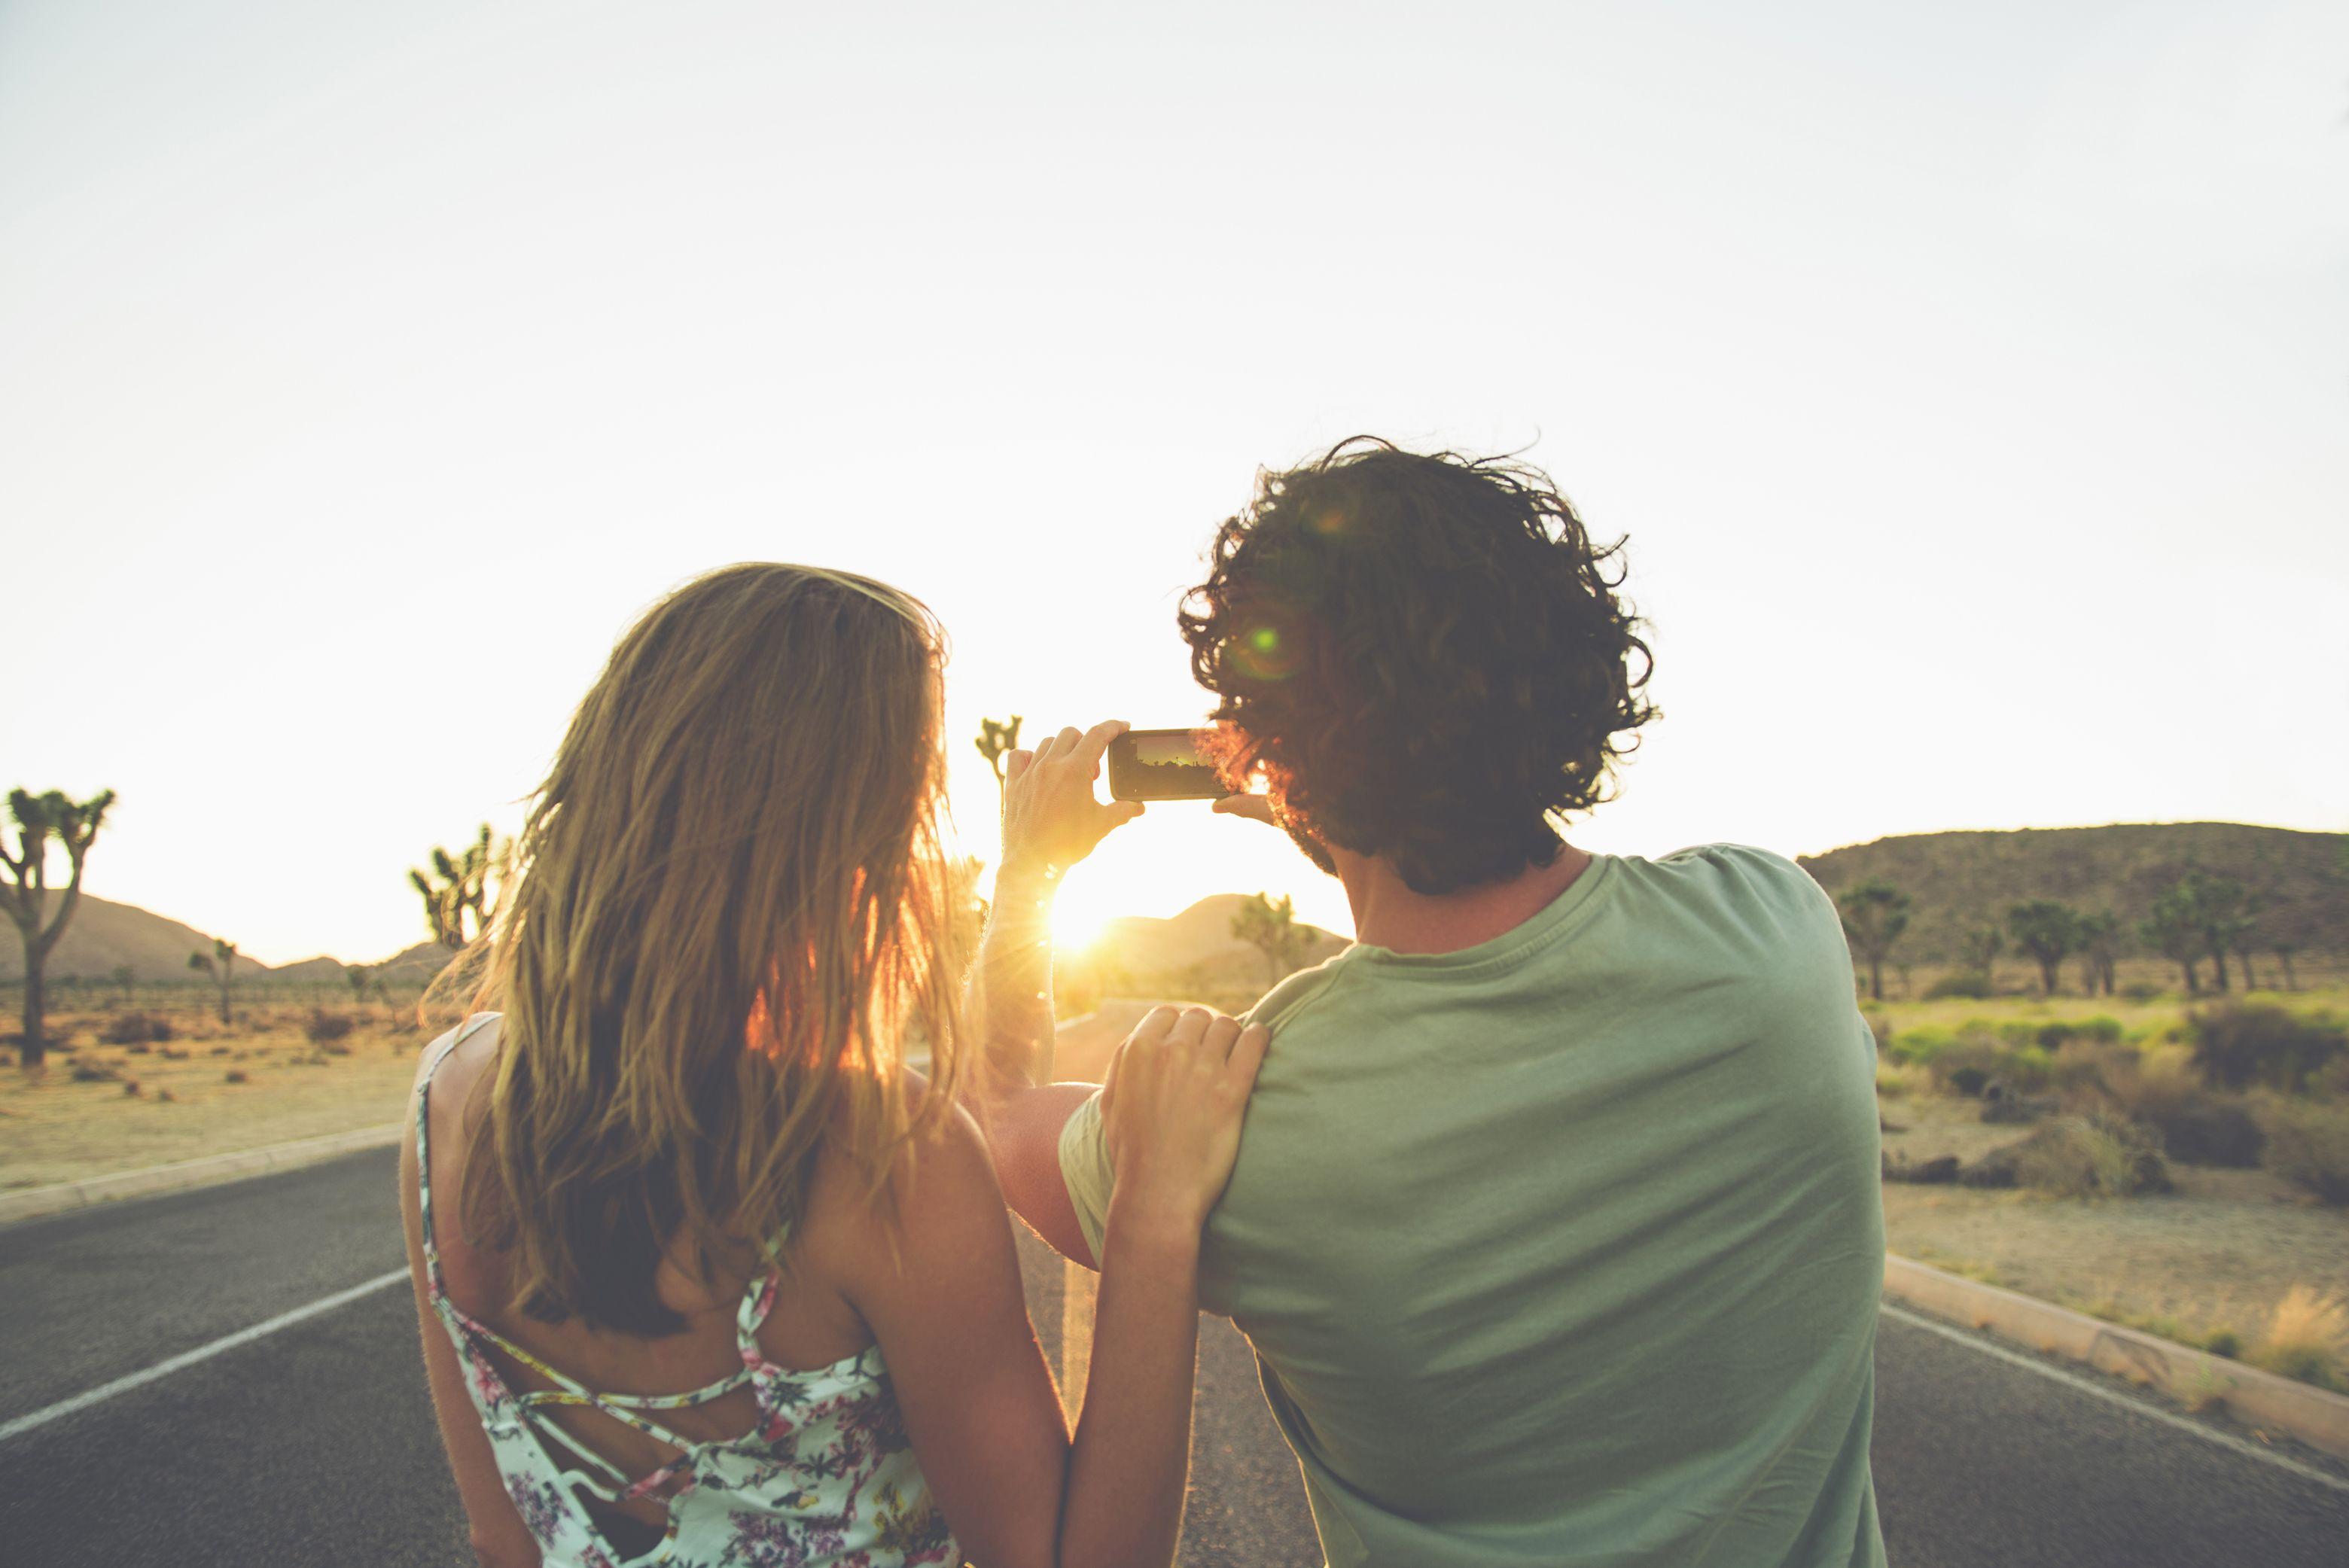 L'amicizia con l'ex esiste? Ma soprattutto sei pronta? 7 segni per capirlo